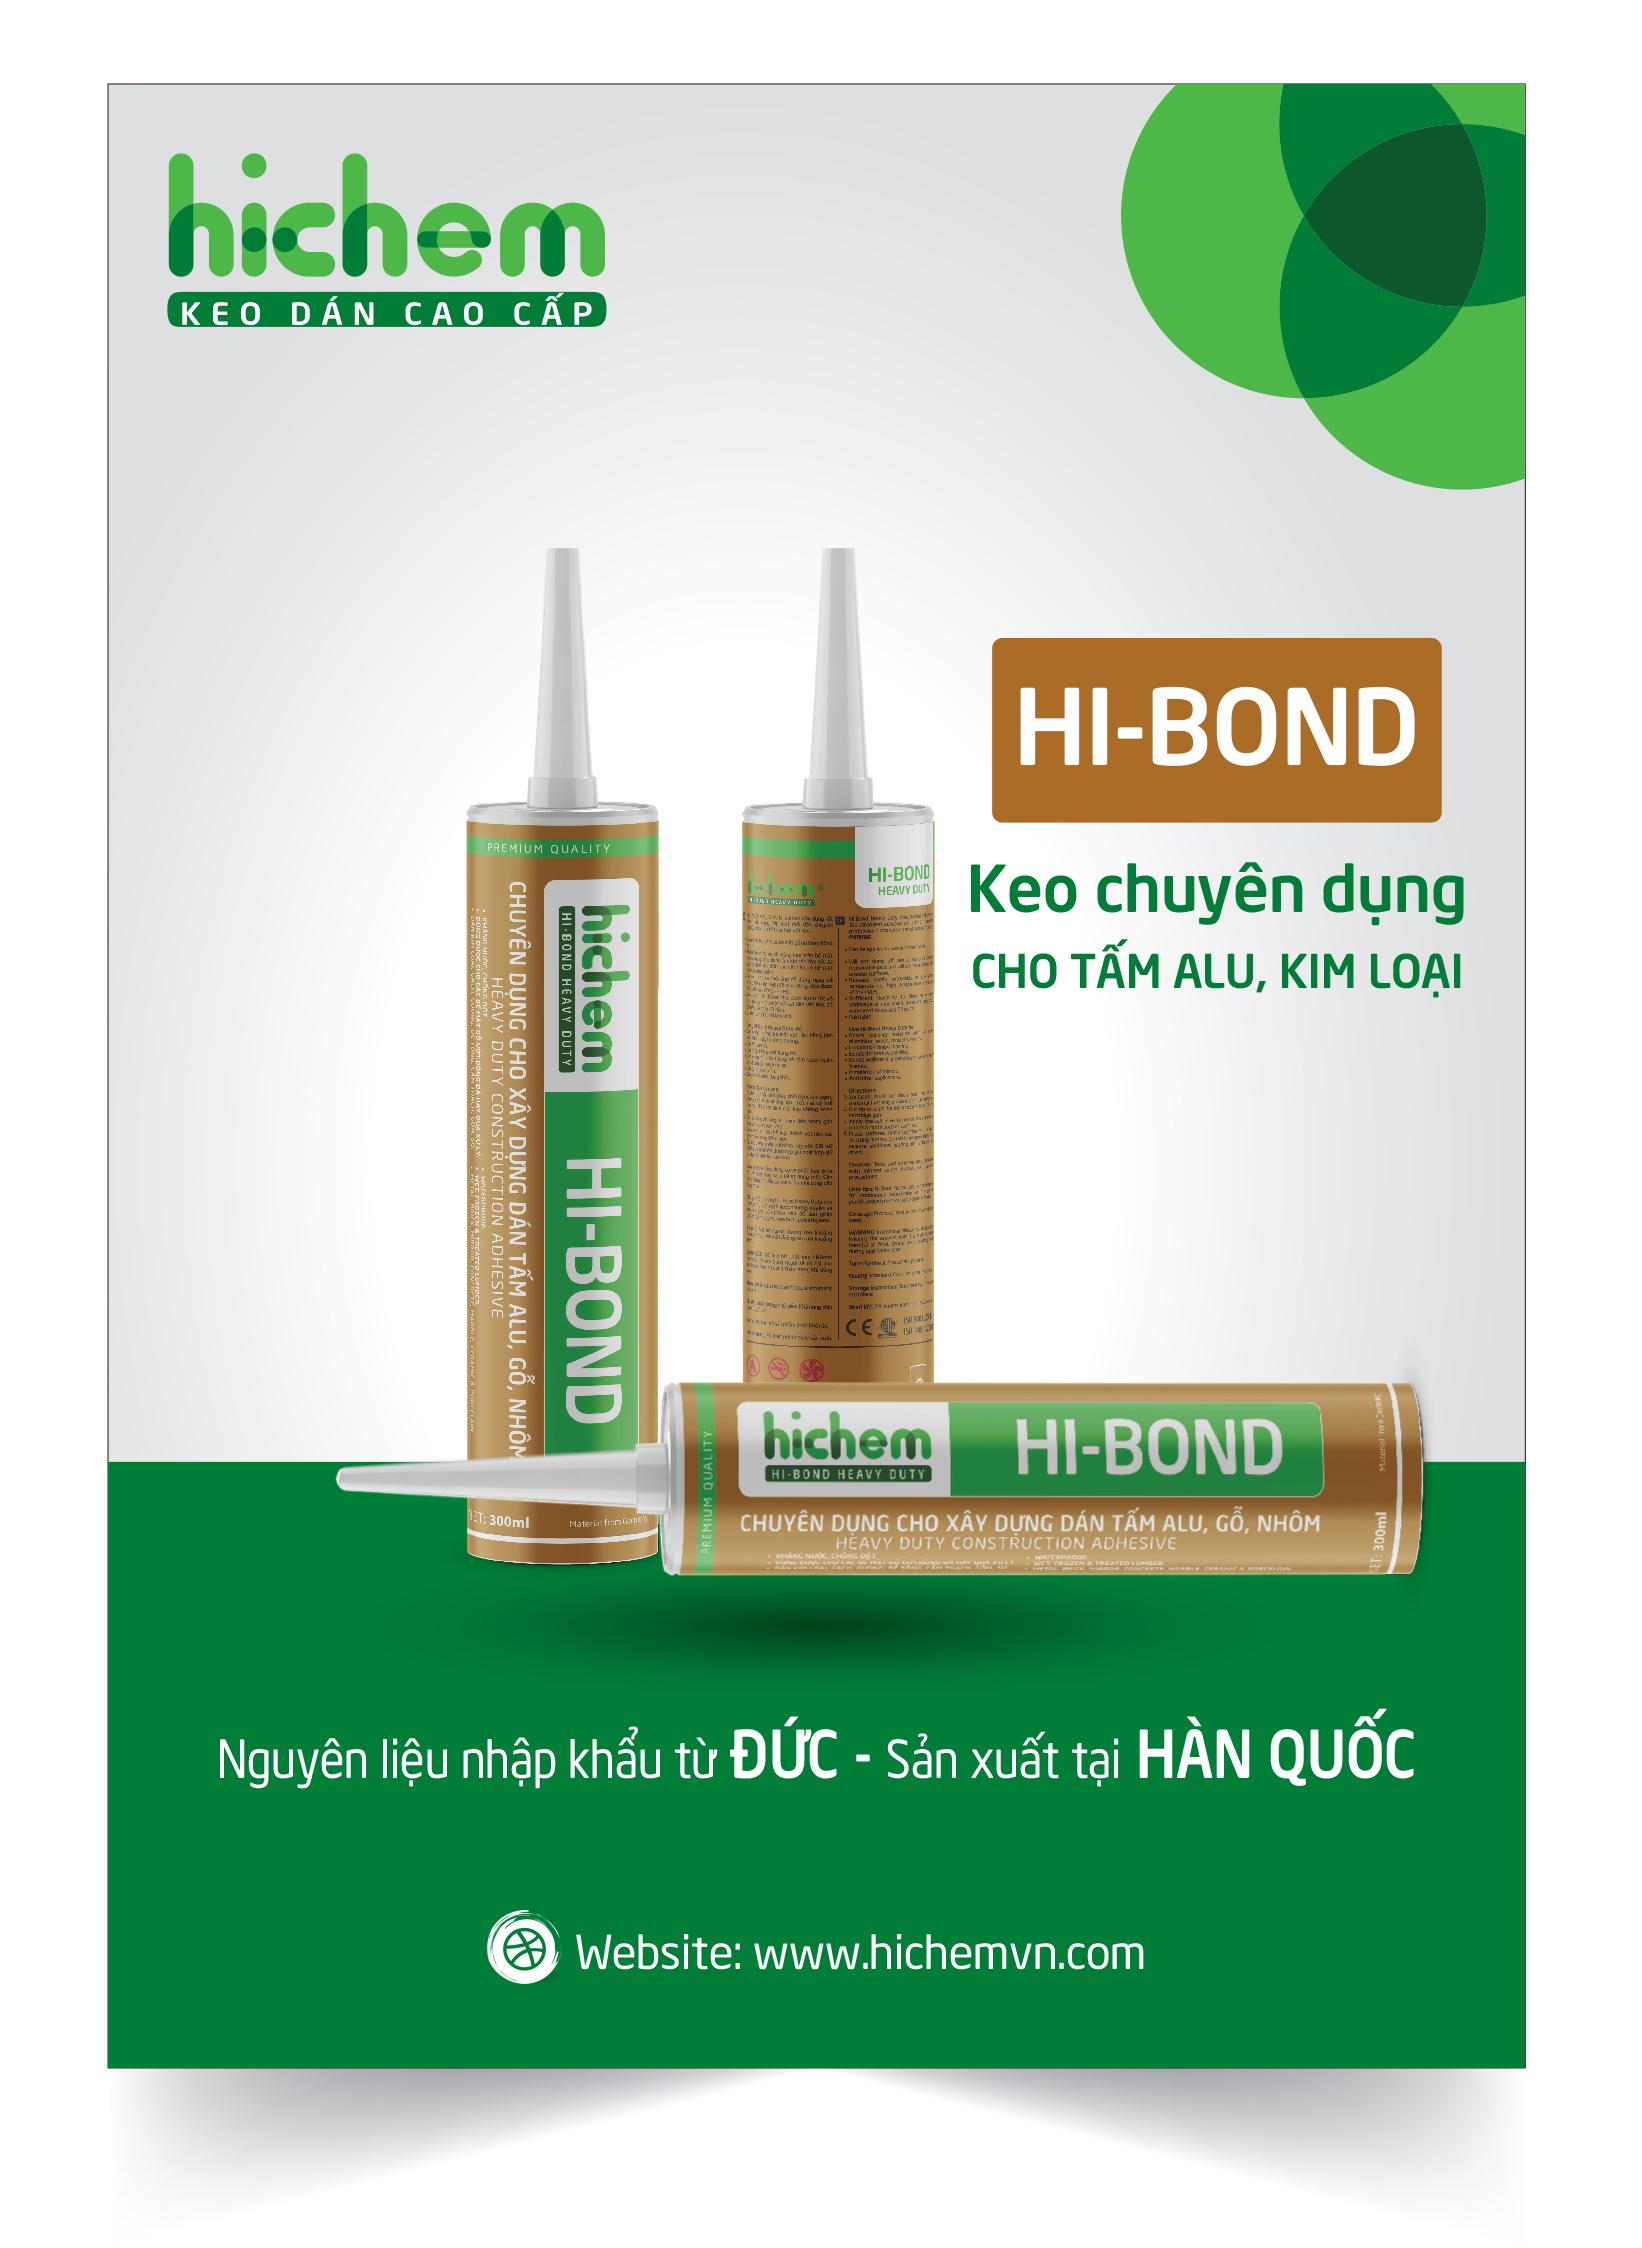 Keo chuyên dụng cho xây dựng Hi-bond